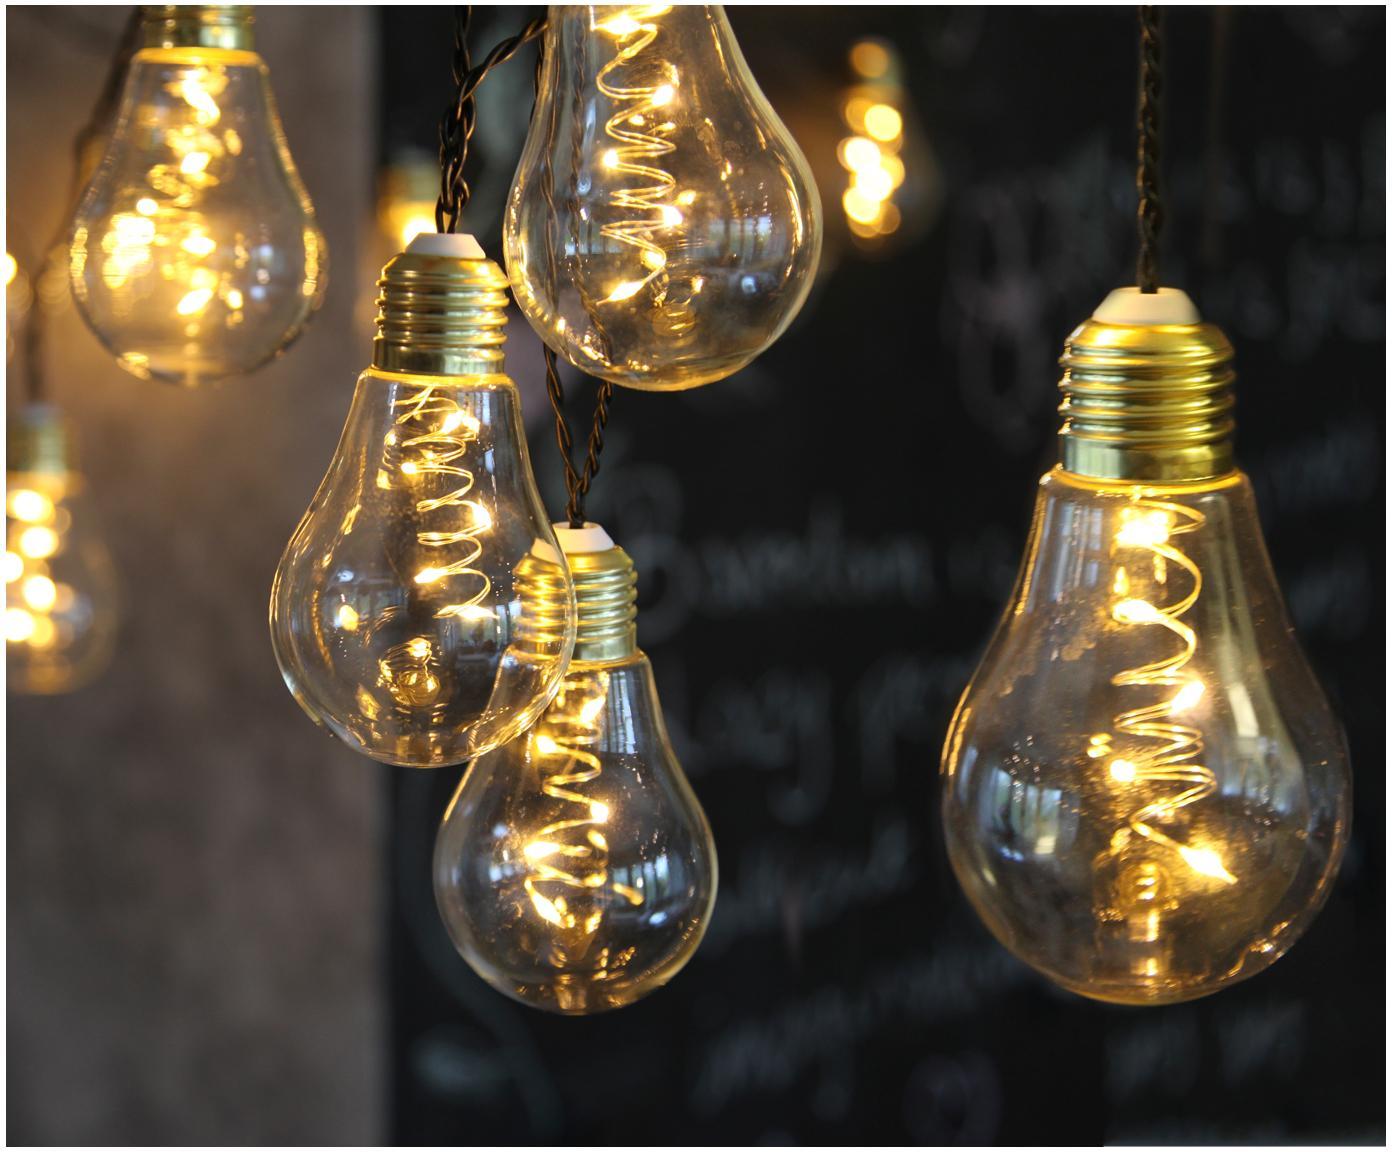 Girlanda świetlna LED Bulb, Żarówka: transparentny, odcienie złotego Kabel: czarny, D 360 cm